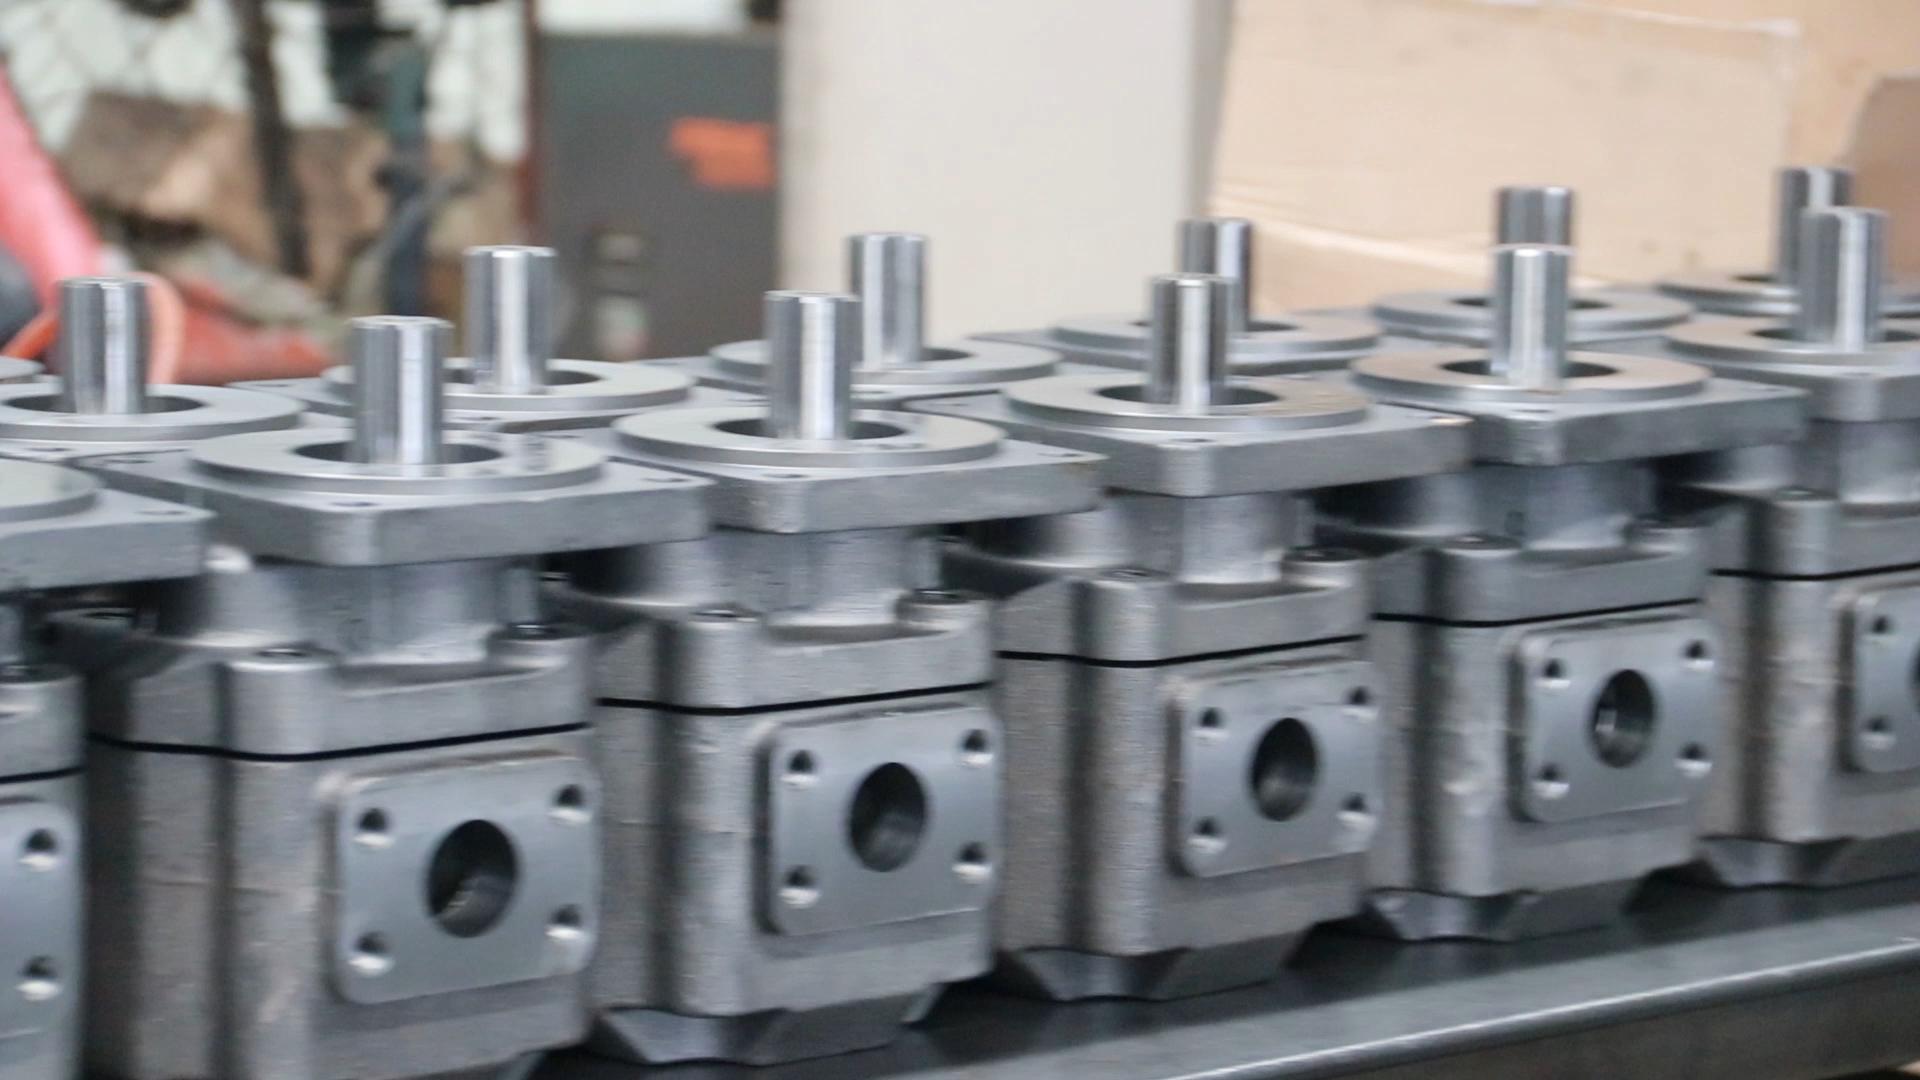 wheel loader spare part XGMA P2100 tcm loader hydraulic pump